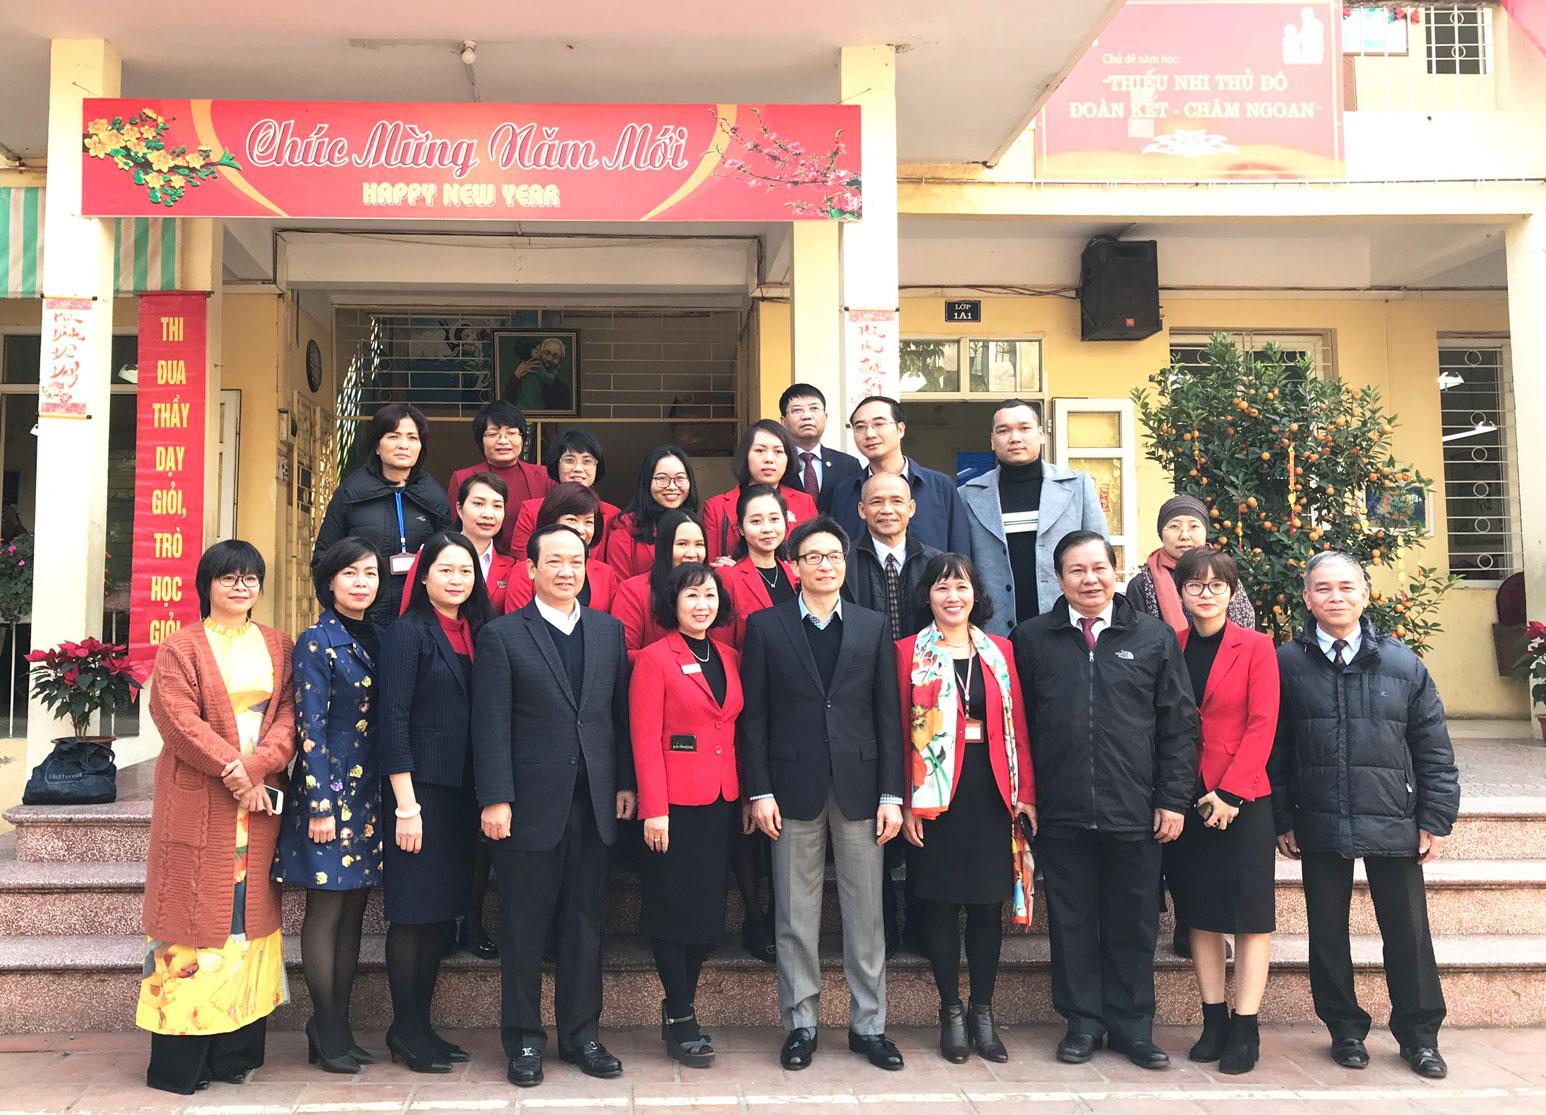 Thái Hà Books đồng hành với Phó Thủ tướng Vũ Đức Đam, VP Chính phủ và các lãnh đạo LÌ XÌ SÁCH đầu năm